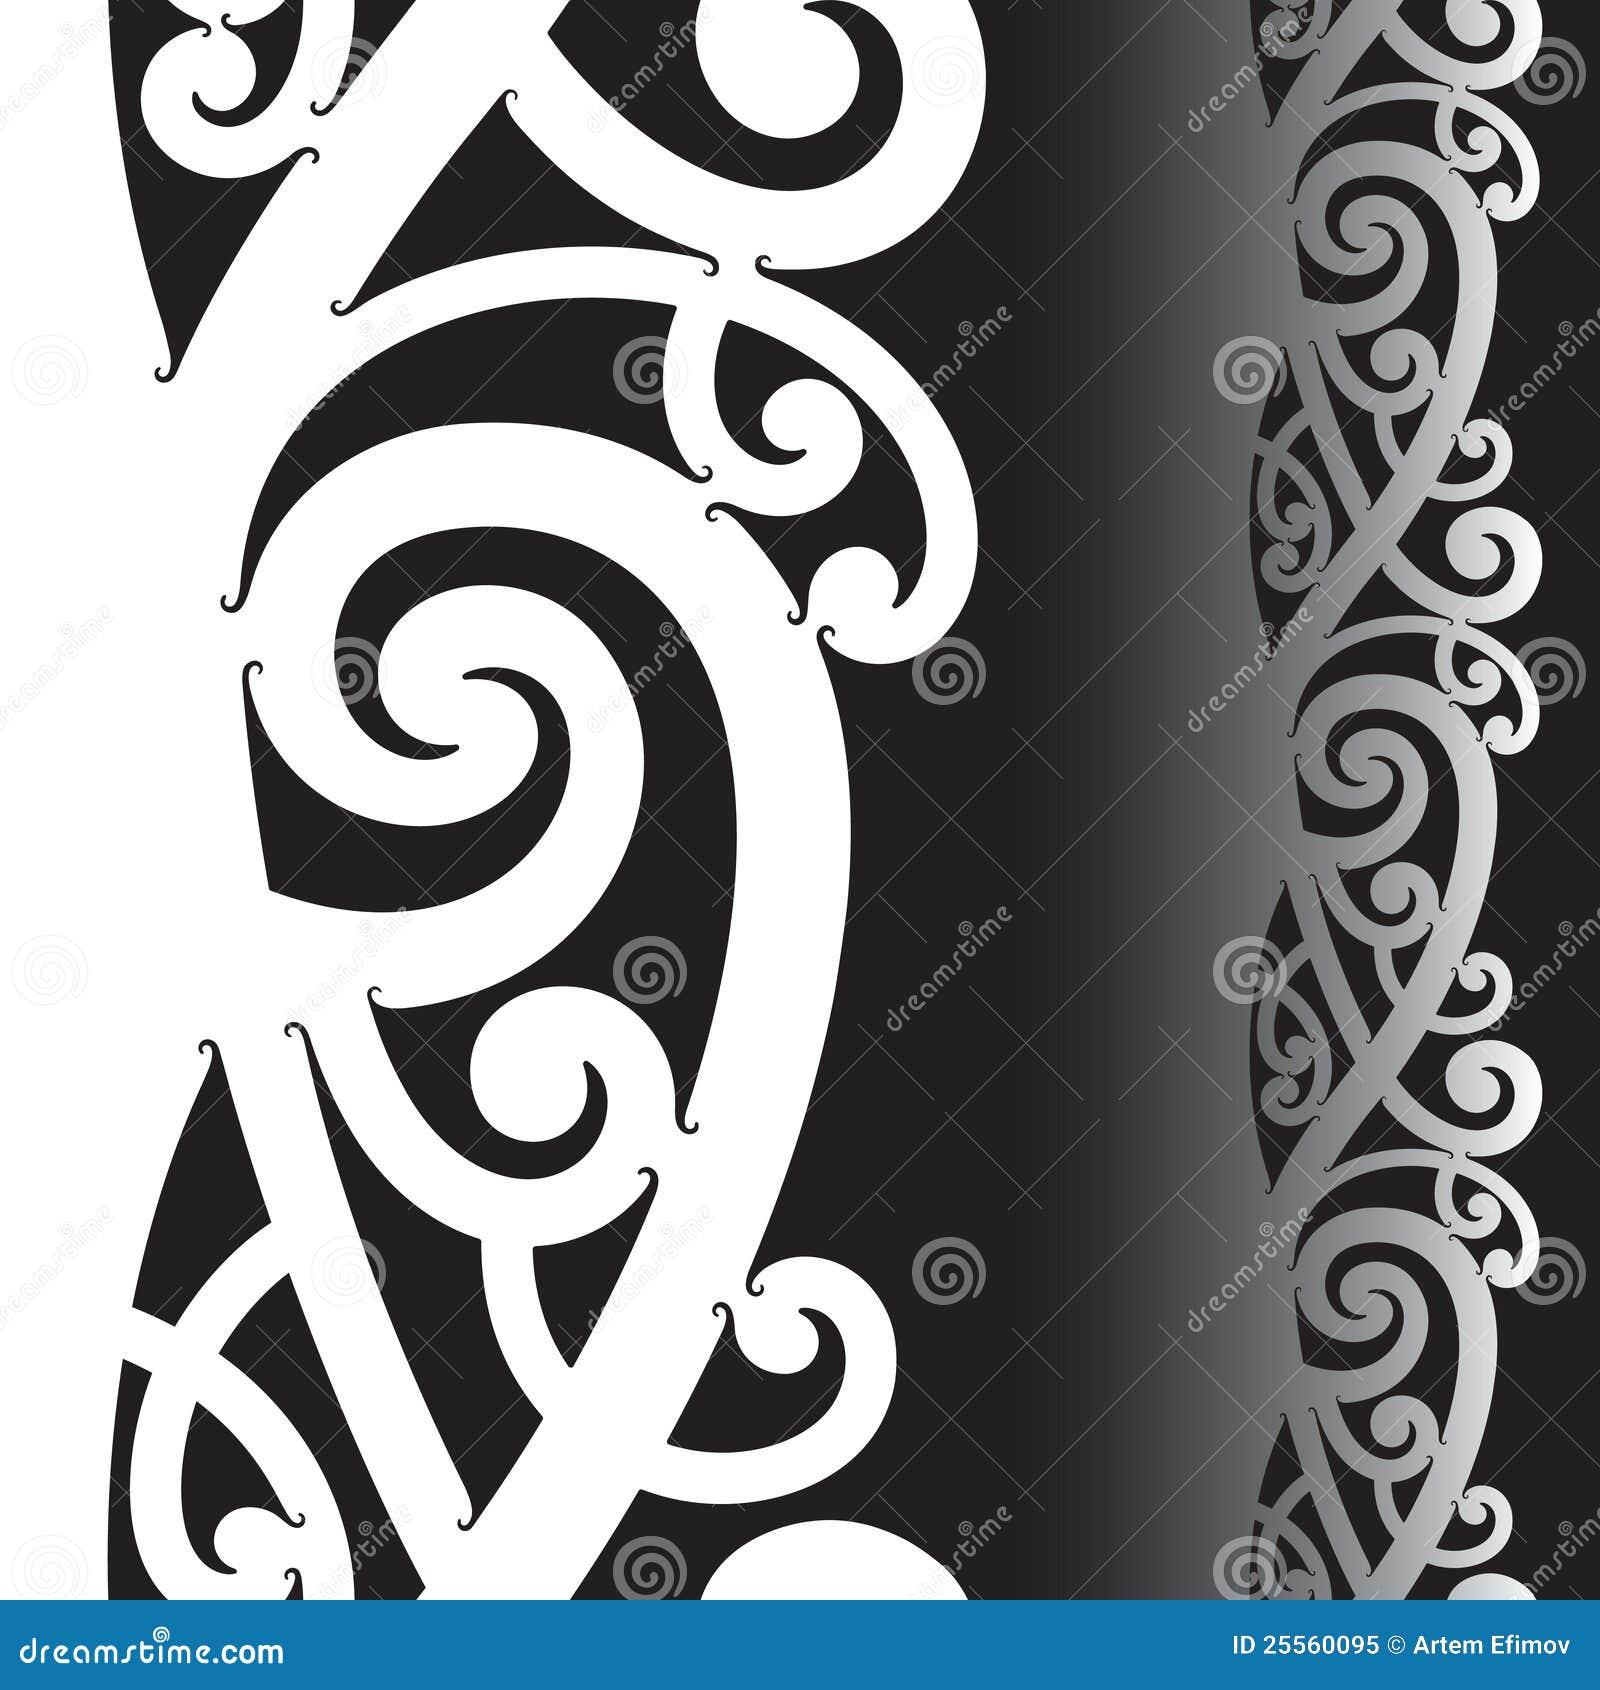 Maori Tattoo Design Stock Photos: Maori Tattoo Pattern Stock Vector. Illustration Of Sign